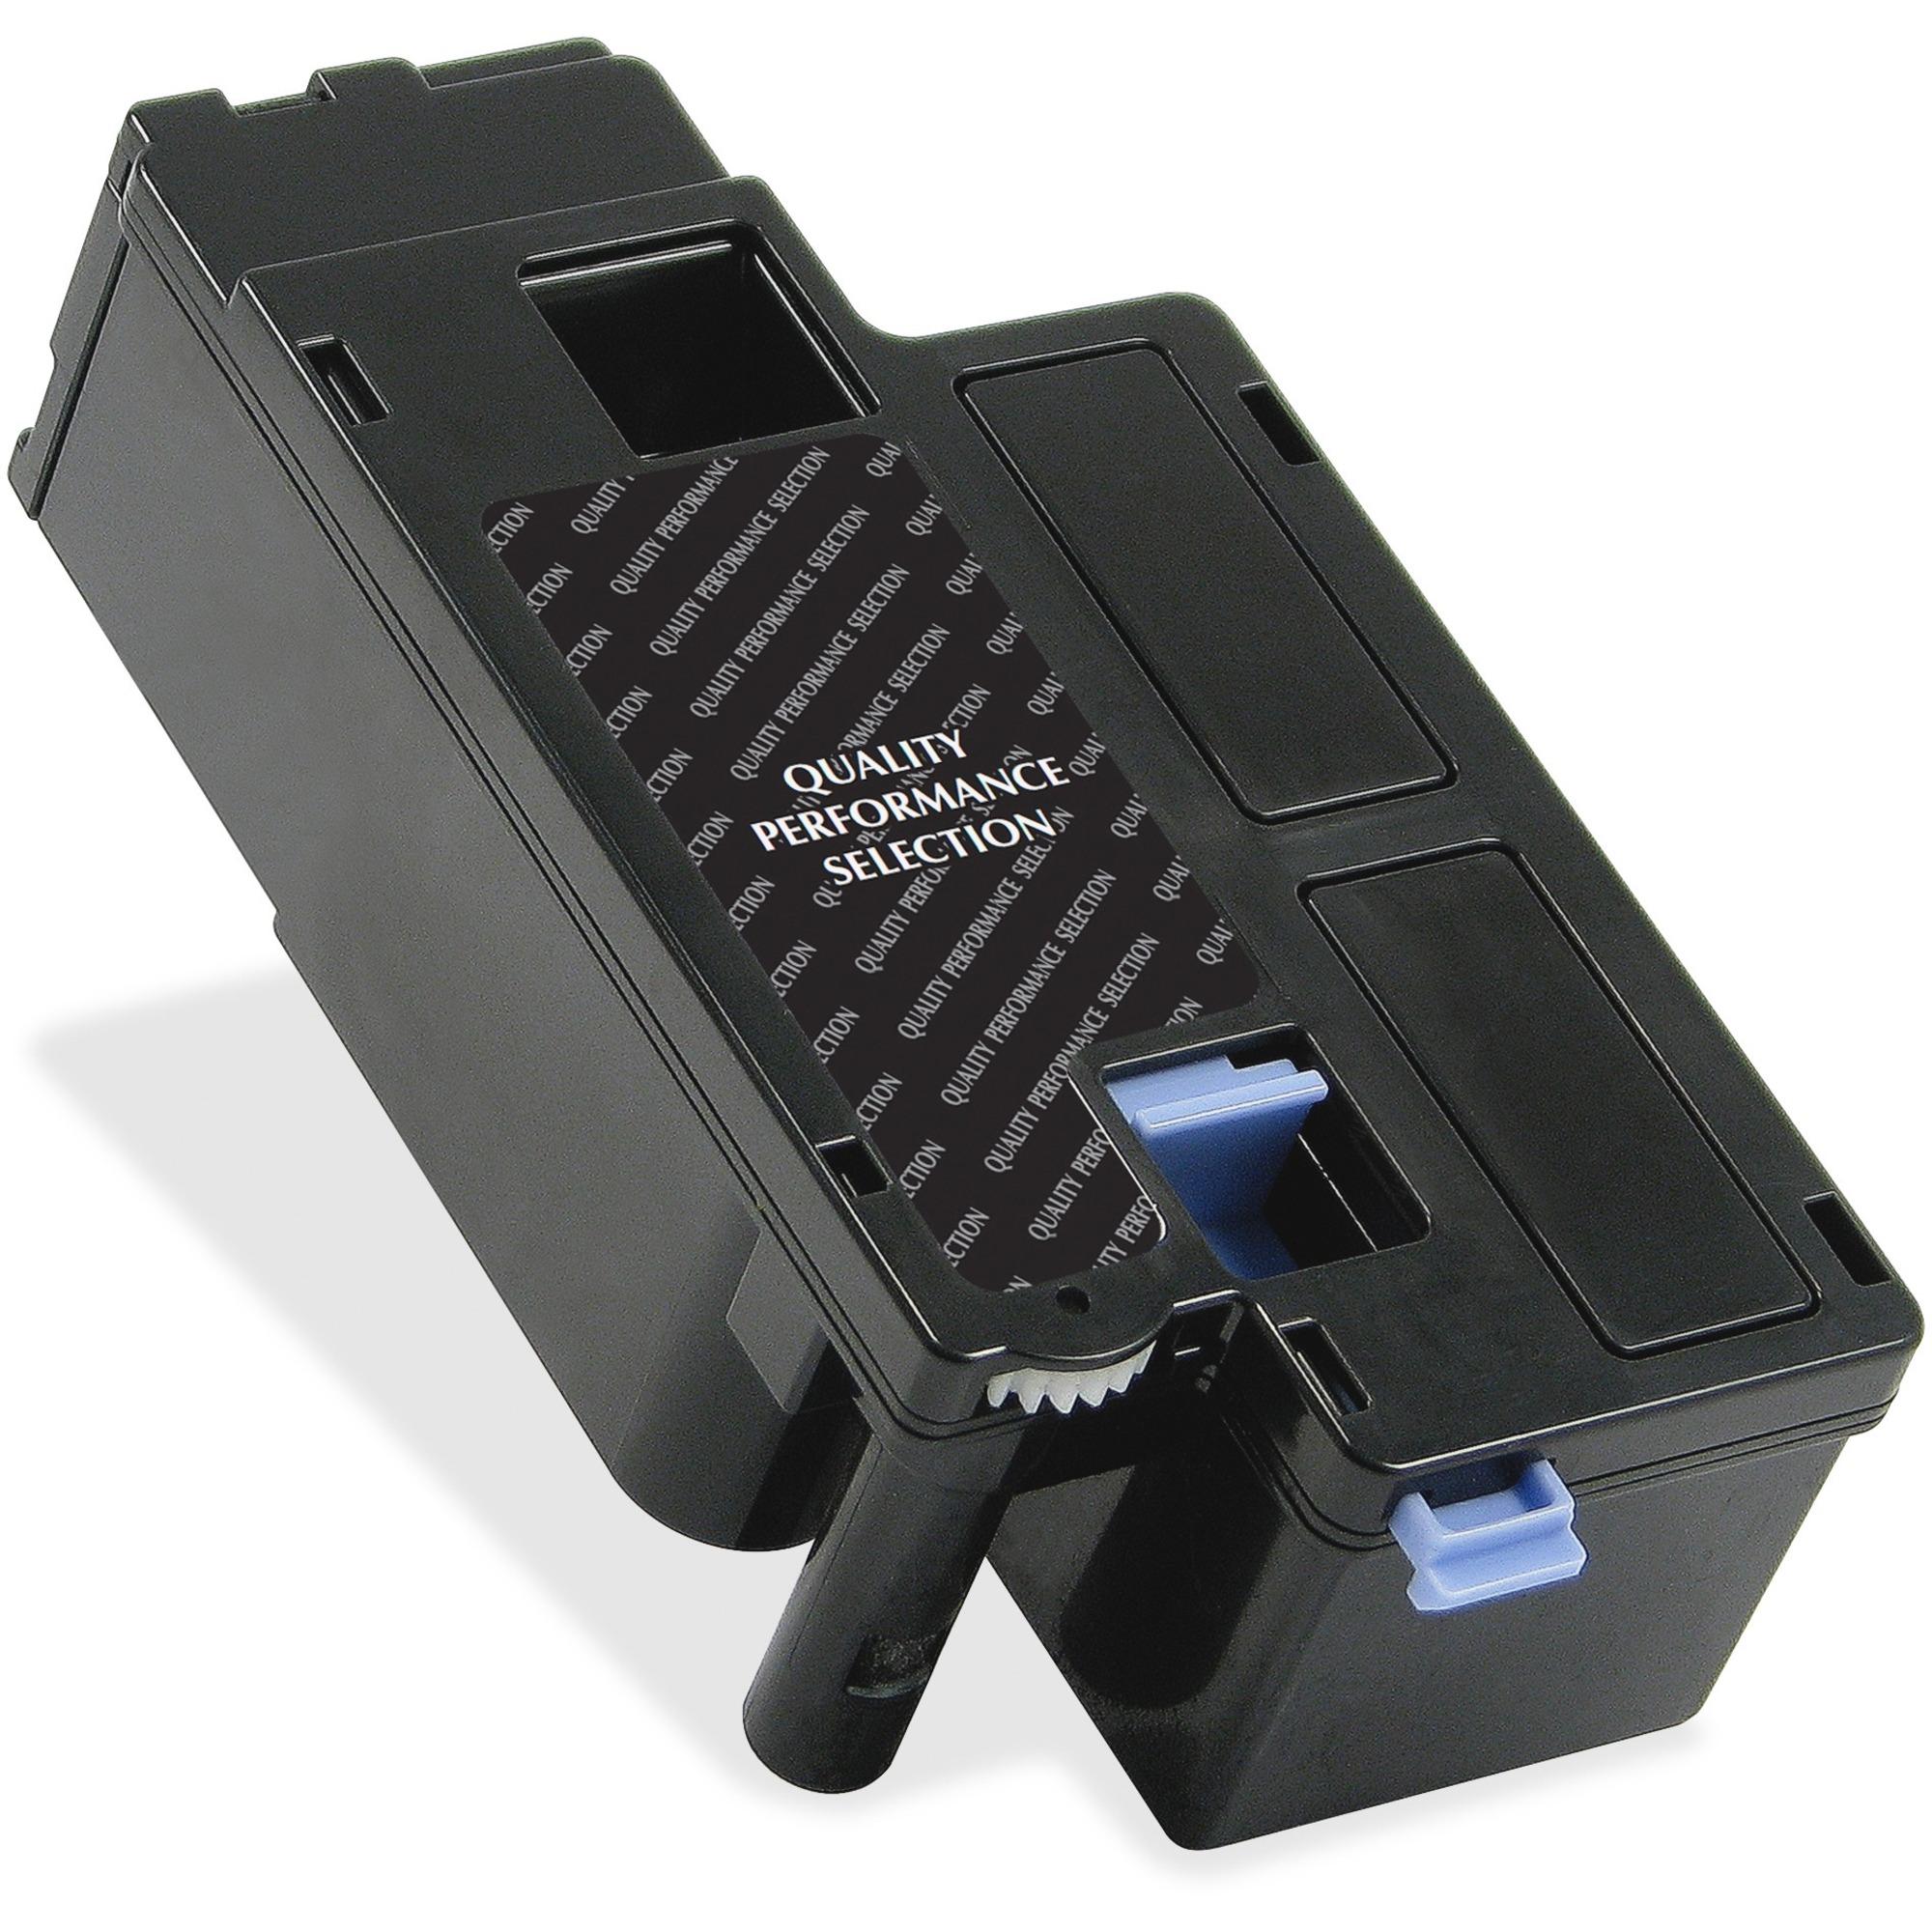 Elite Image Replacement Dell 2150c Toner Cartridge